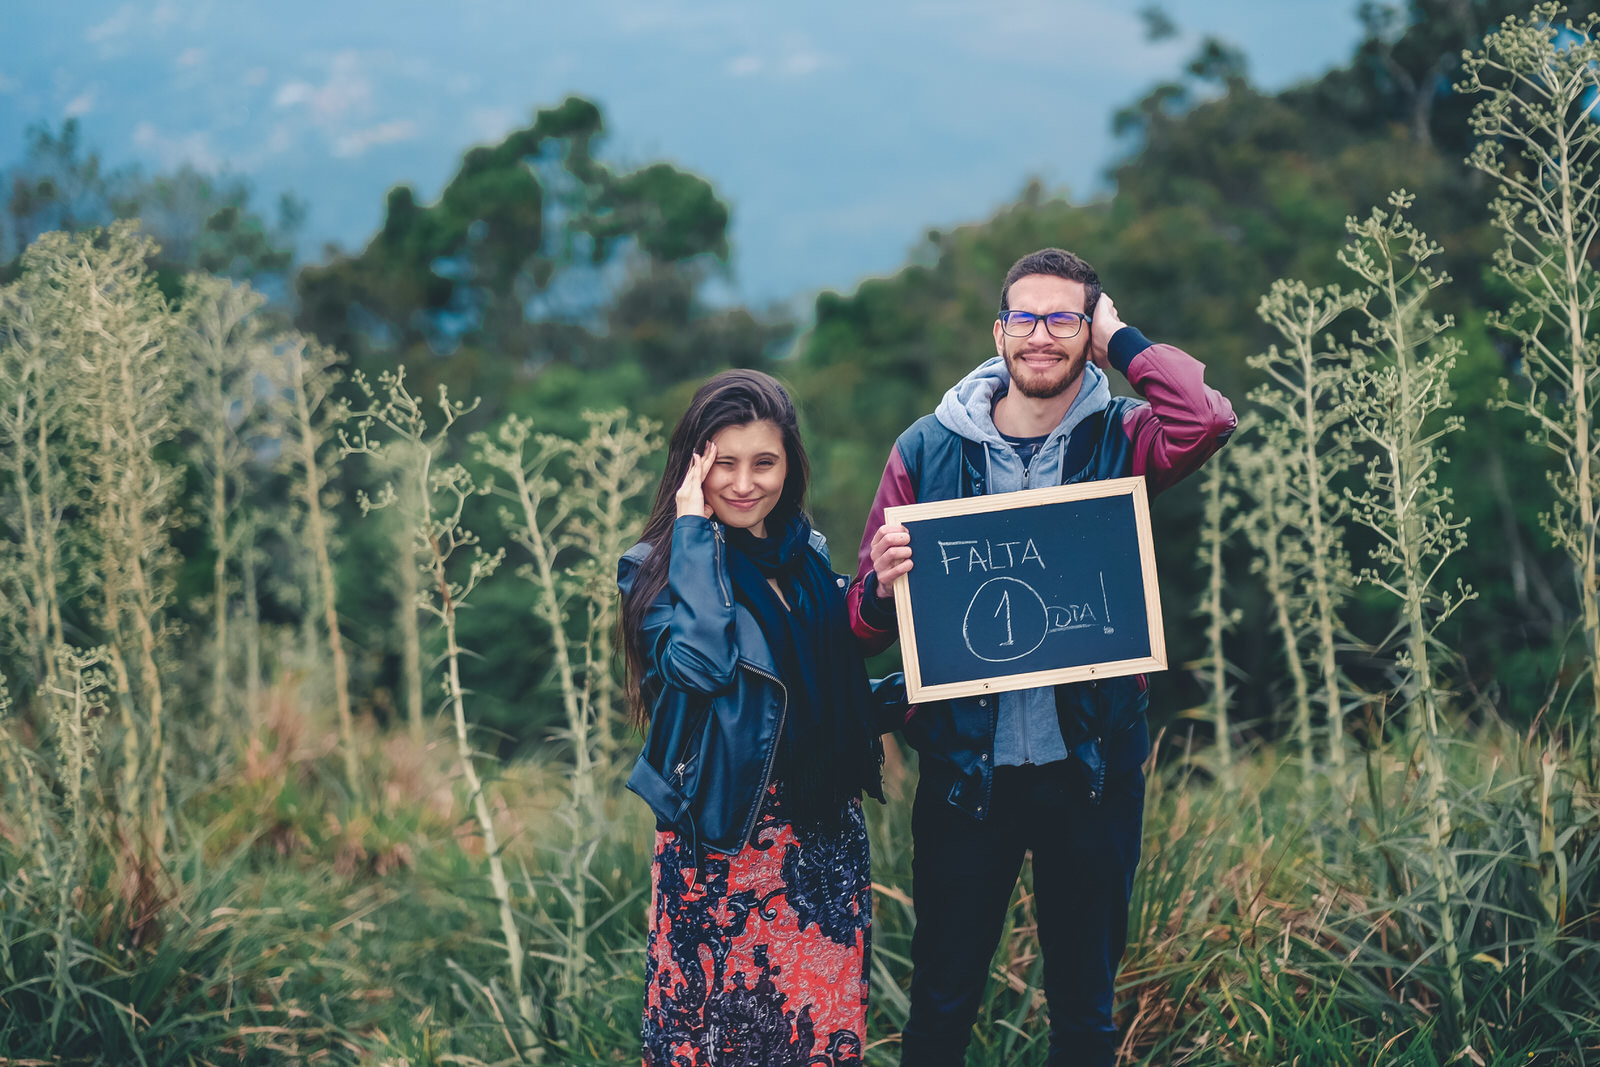 Contate Fotografia de Casamento com sentimento - Say Cheese